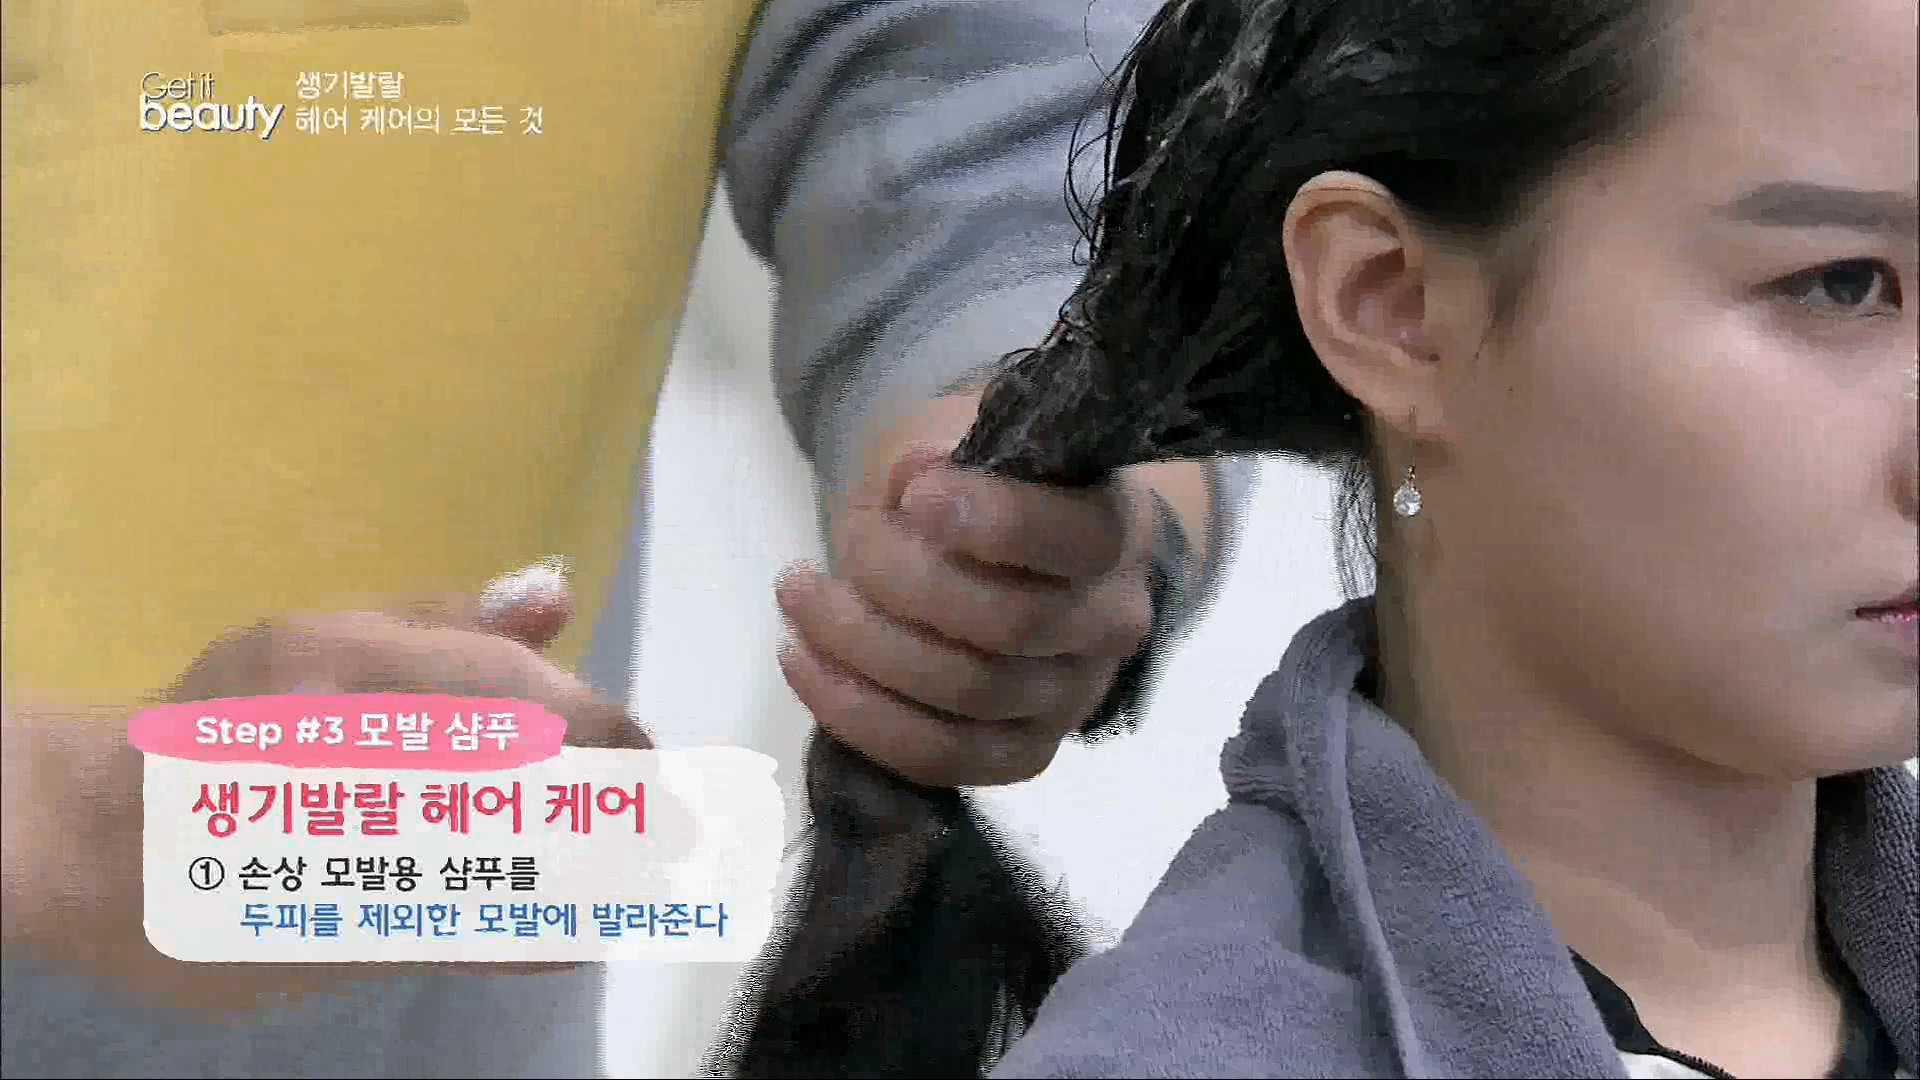 Step#3.모발 샴푸 1.손상 모발용 샴푸를 두피를 제외한 모발에 발라준다.